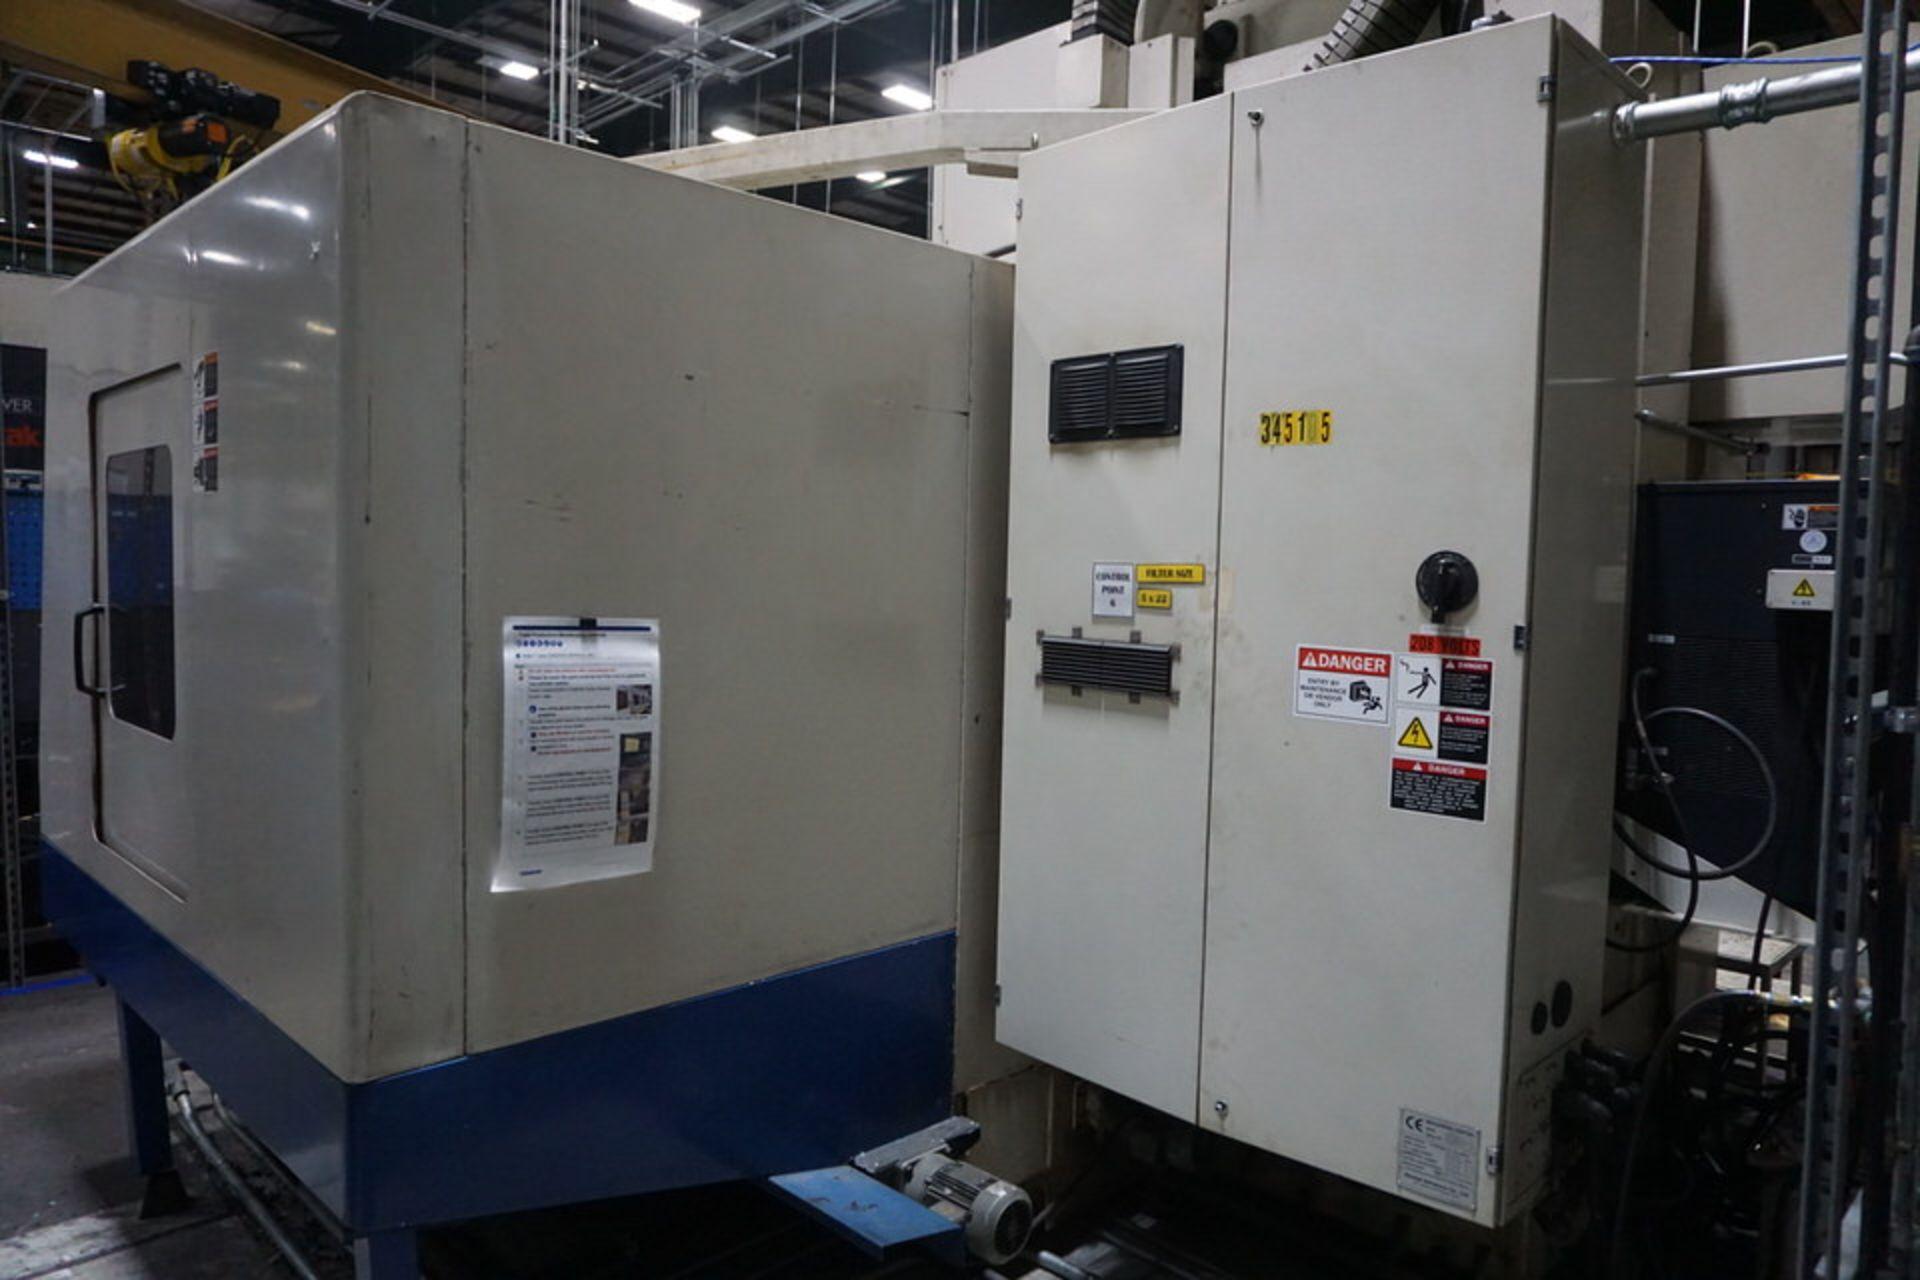 DAEWOO DMV8030S VERTICAL MACHINING CENTER (ASST#:P345105) - Image 4 of 10